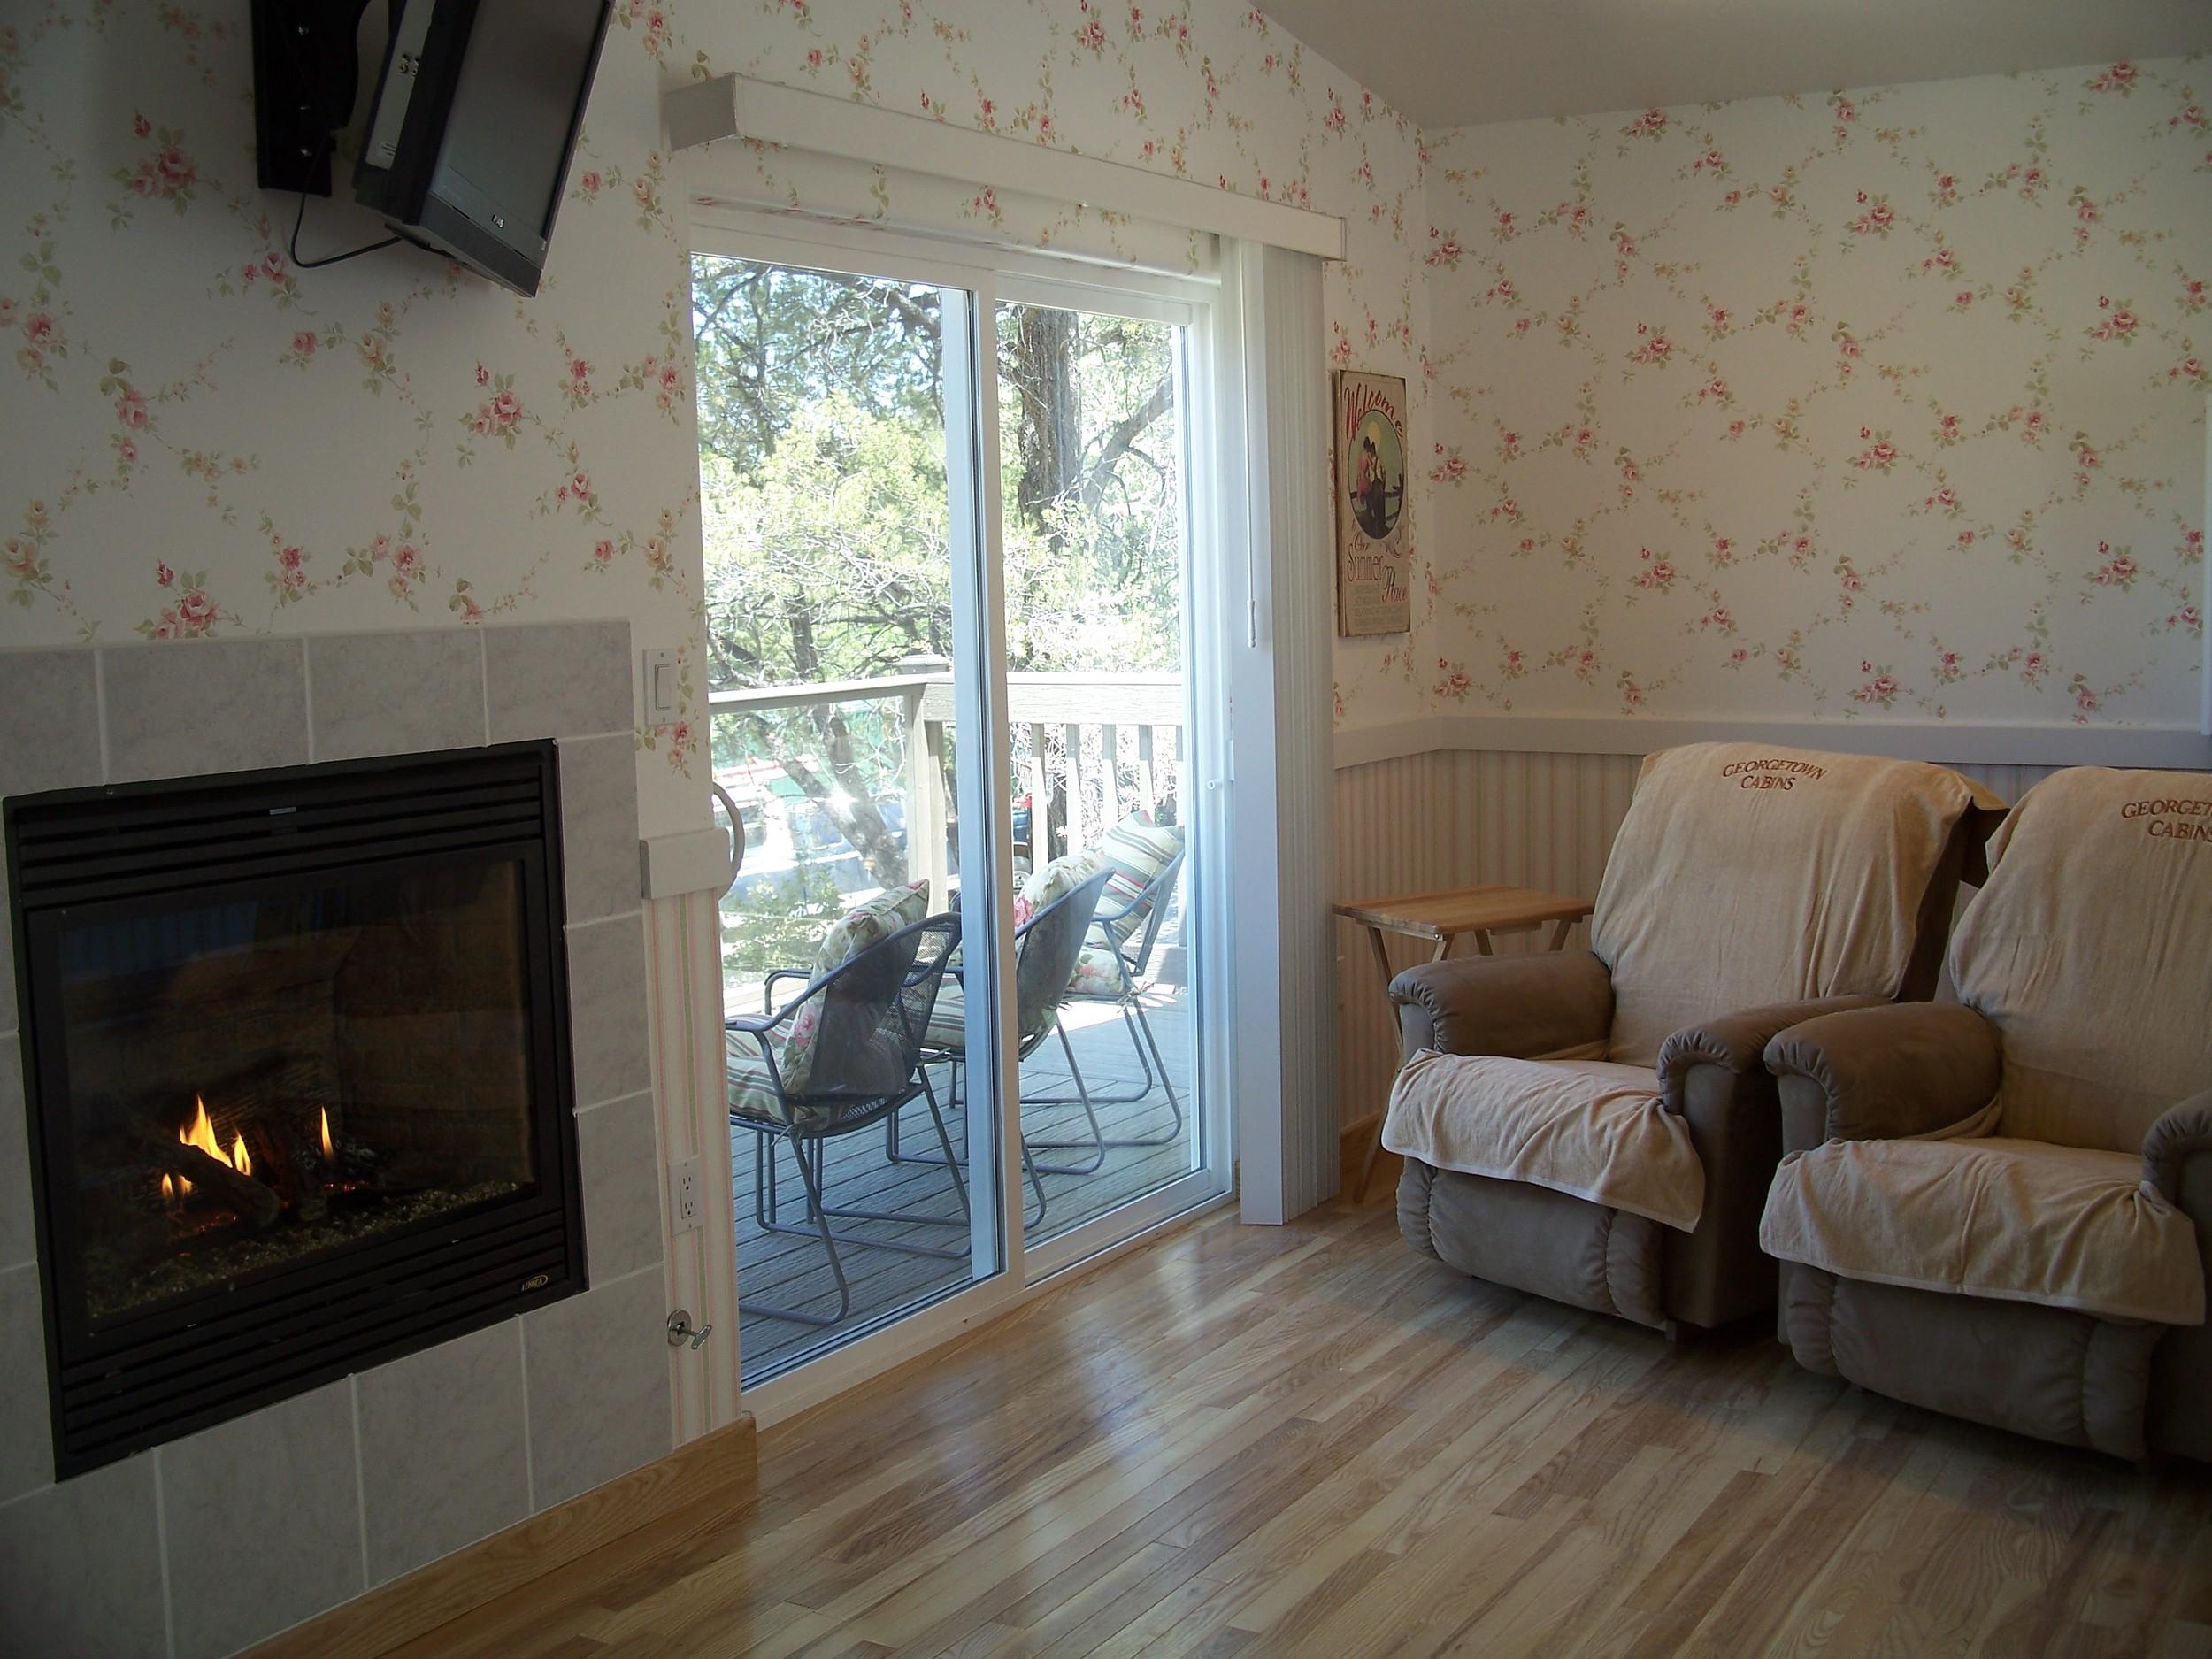 Lottie Deno living room.jpg